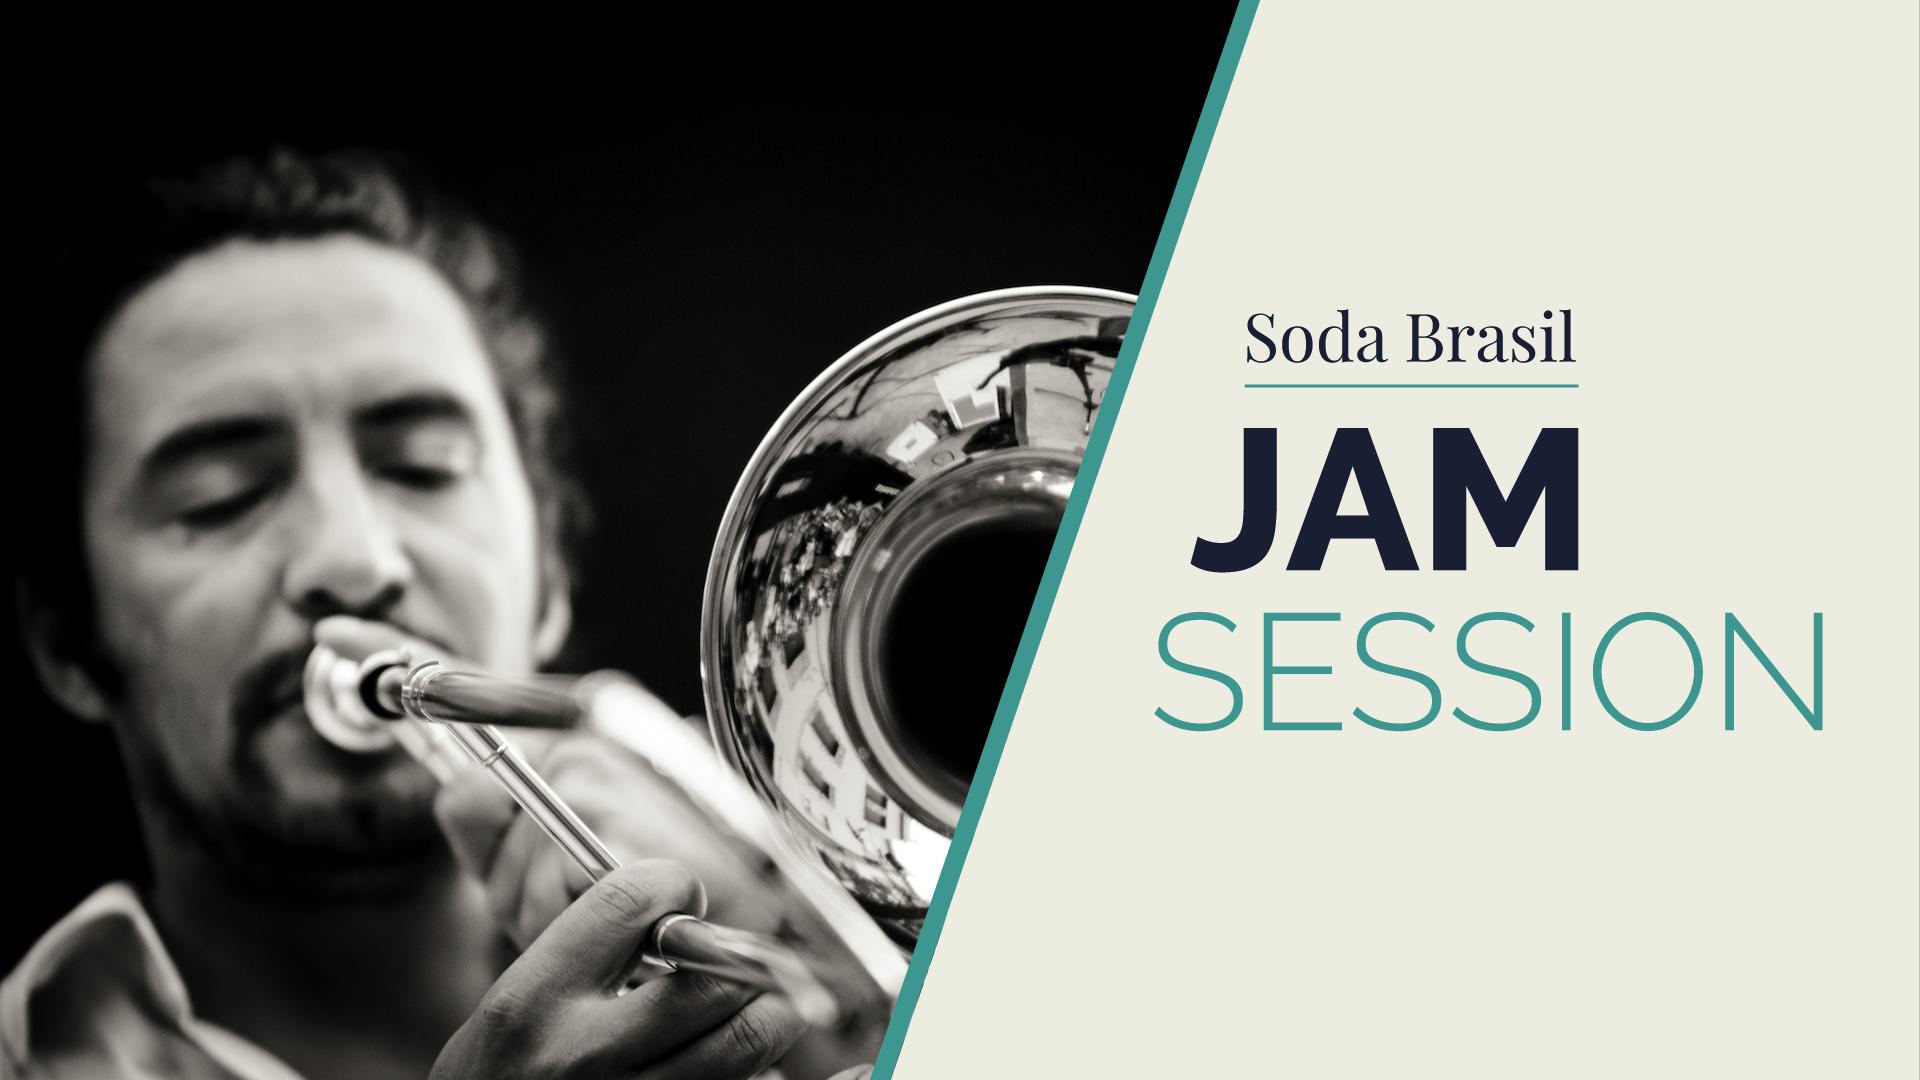 Soda Brazil Jam Session (+ Alexis Ortega)